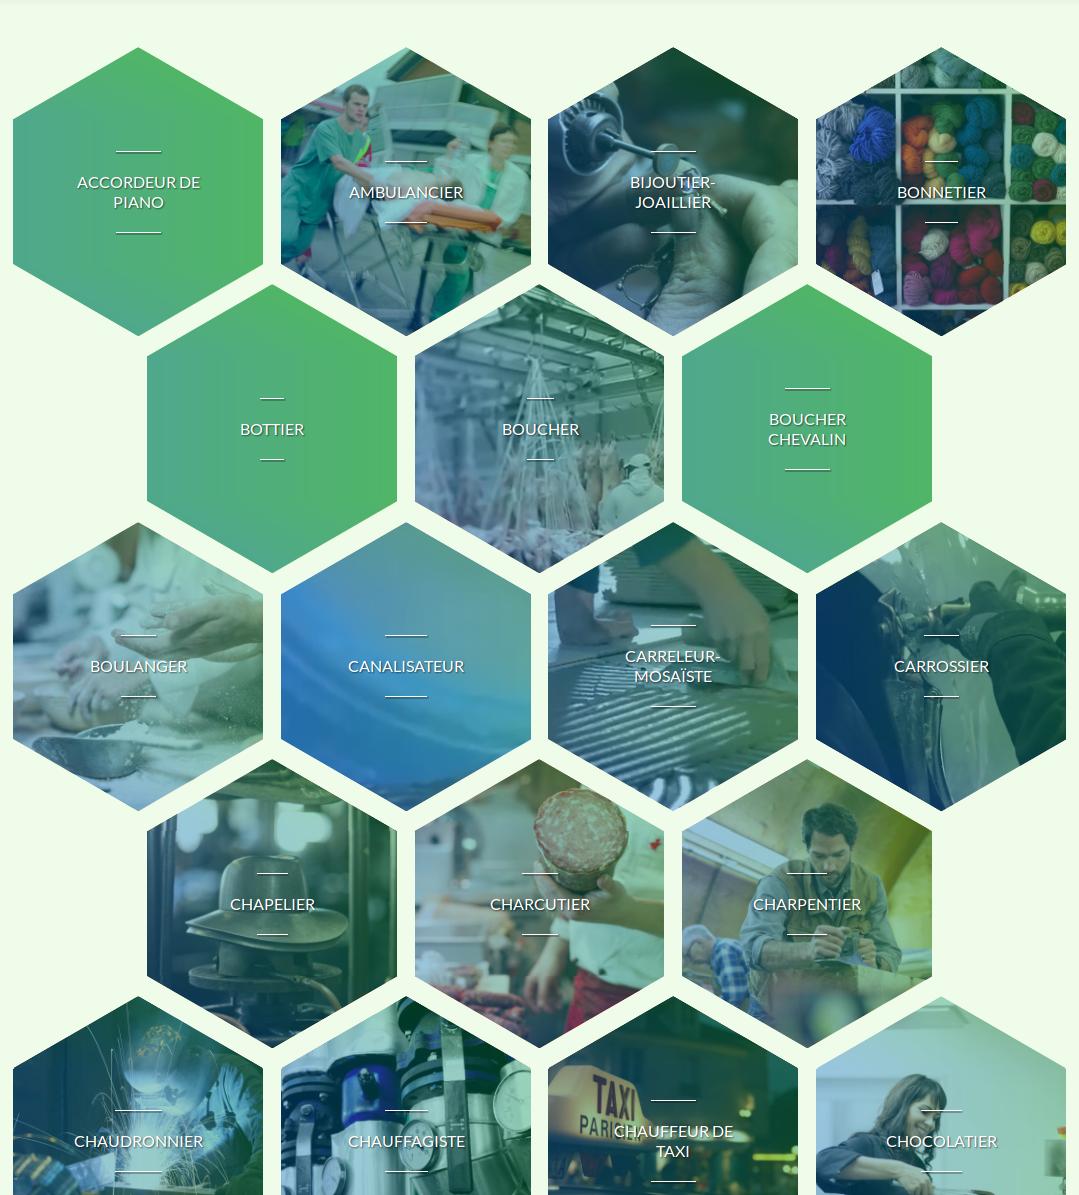 Choisir l'Artisanat : 250 fiches métiers et formations